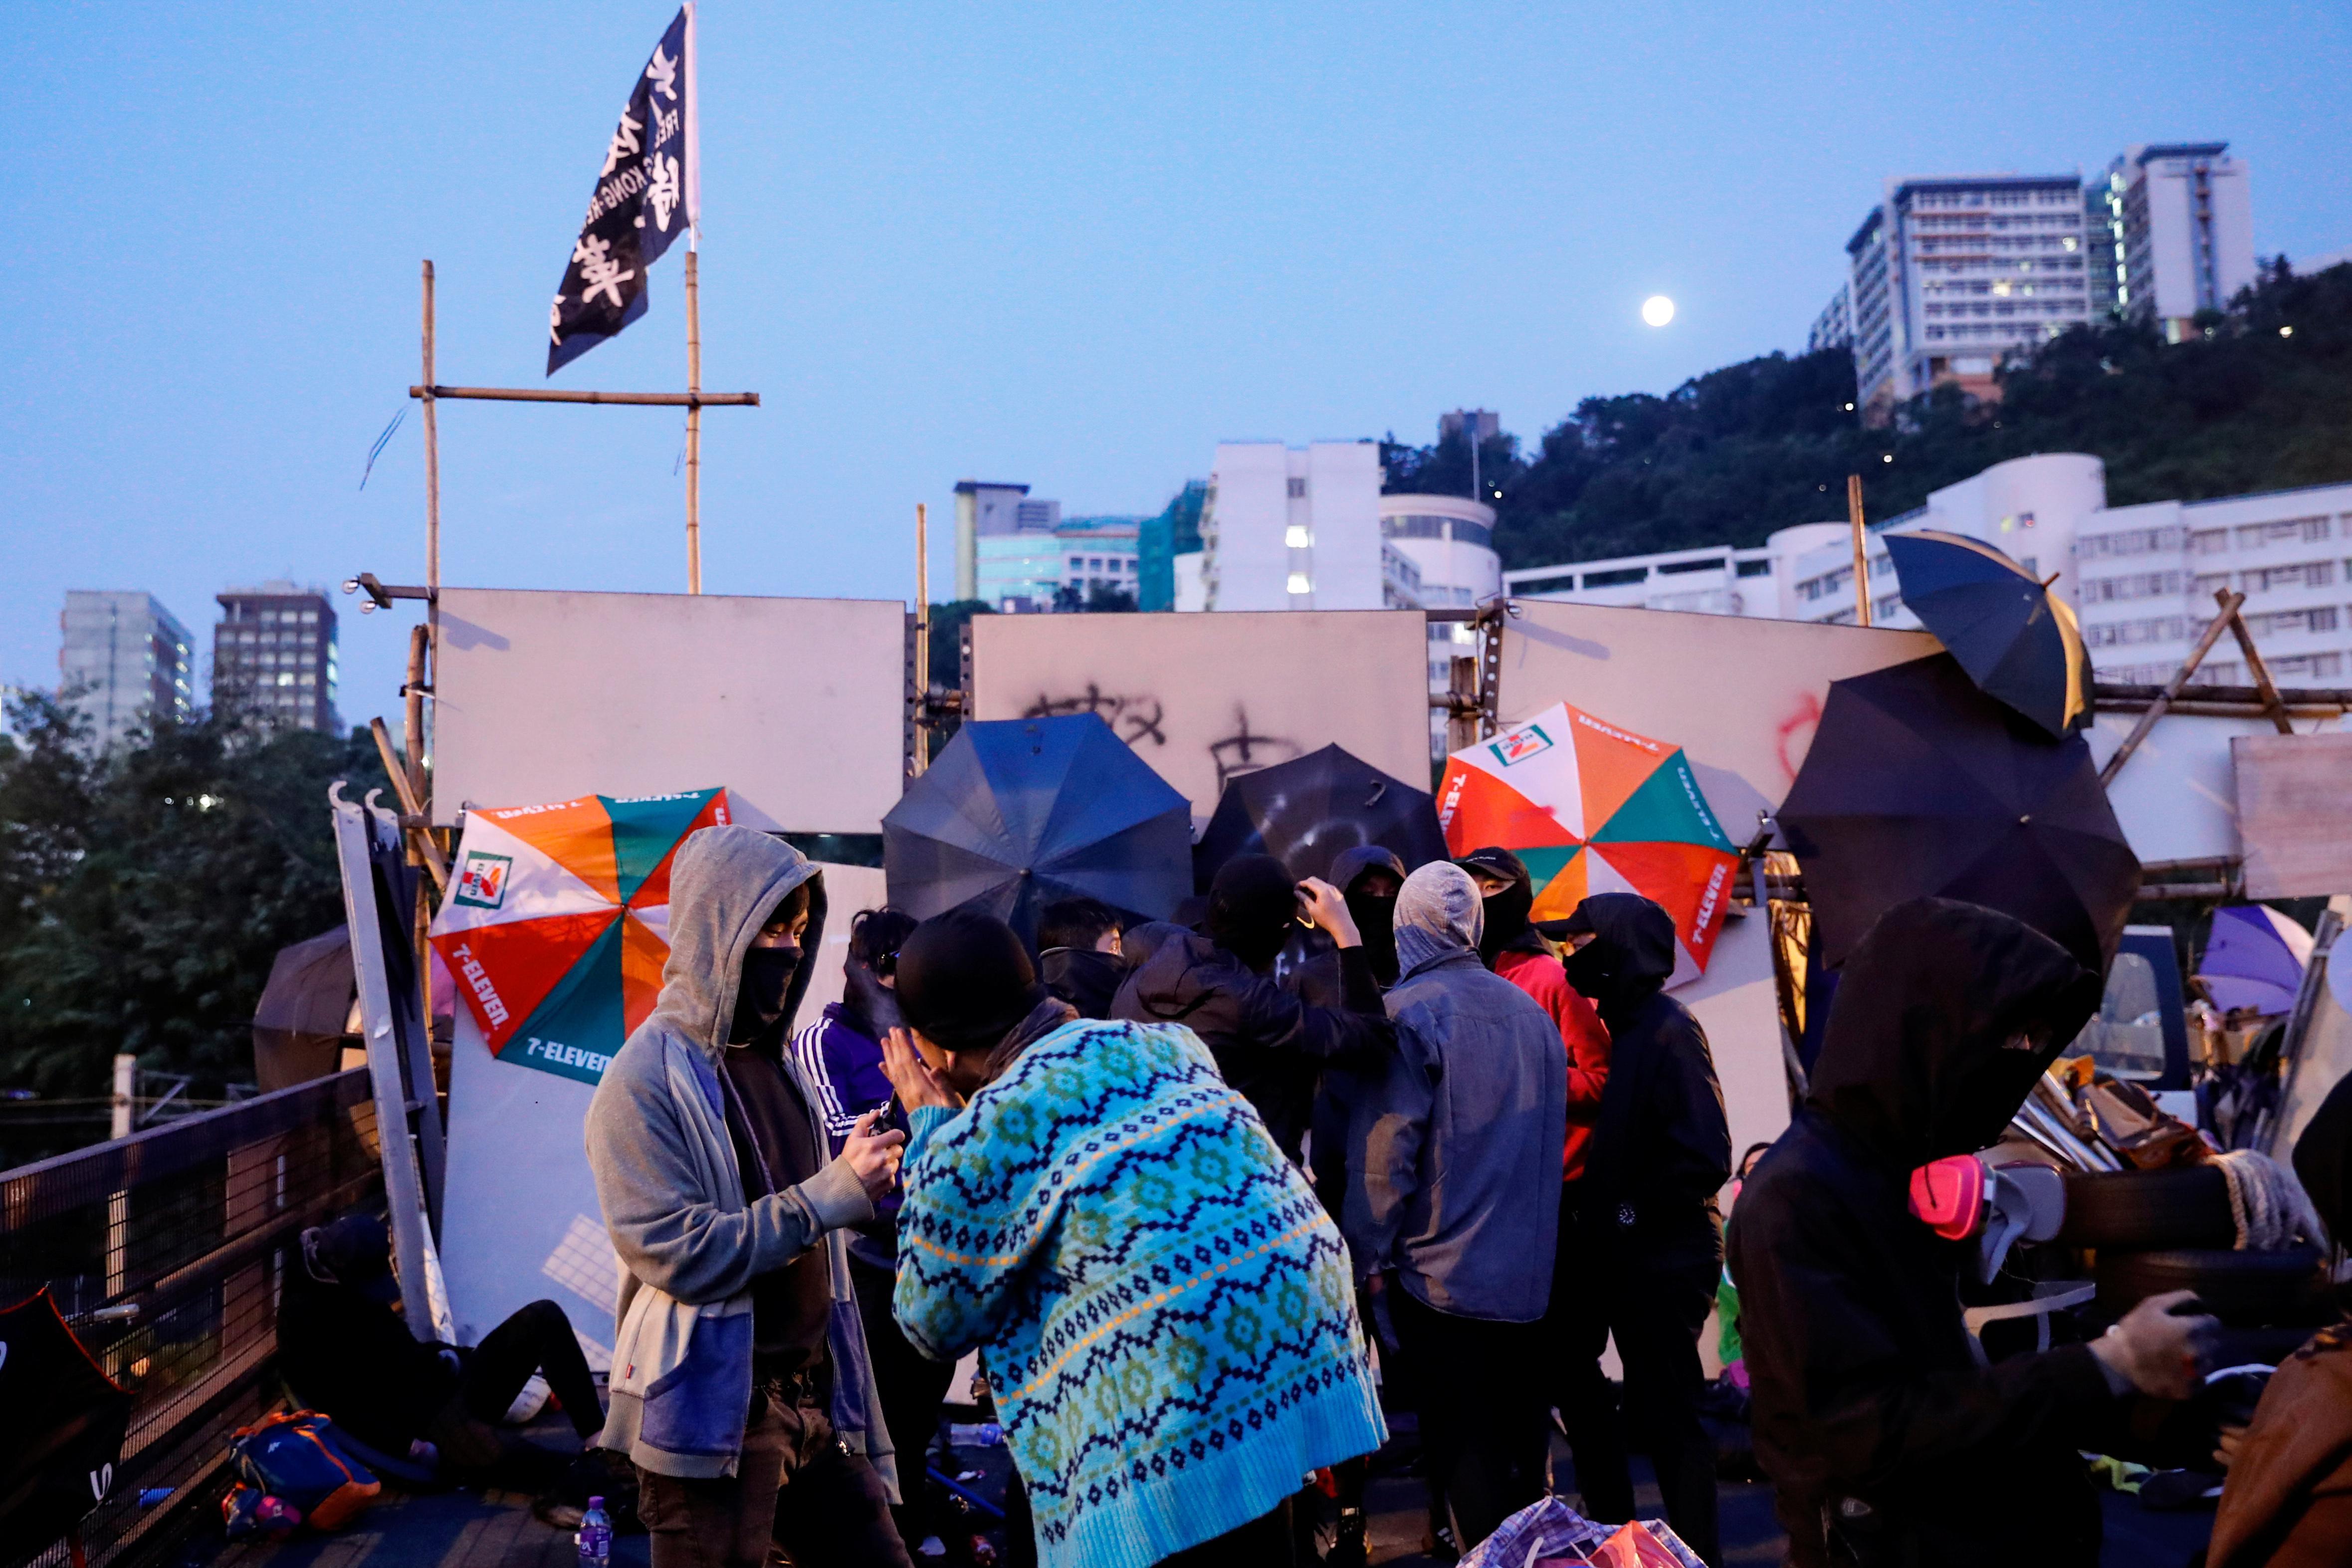 Des manifestations à l'échelle de la ville perturbent Hong Kong alors que les étudiants barricadent les campus